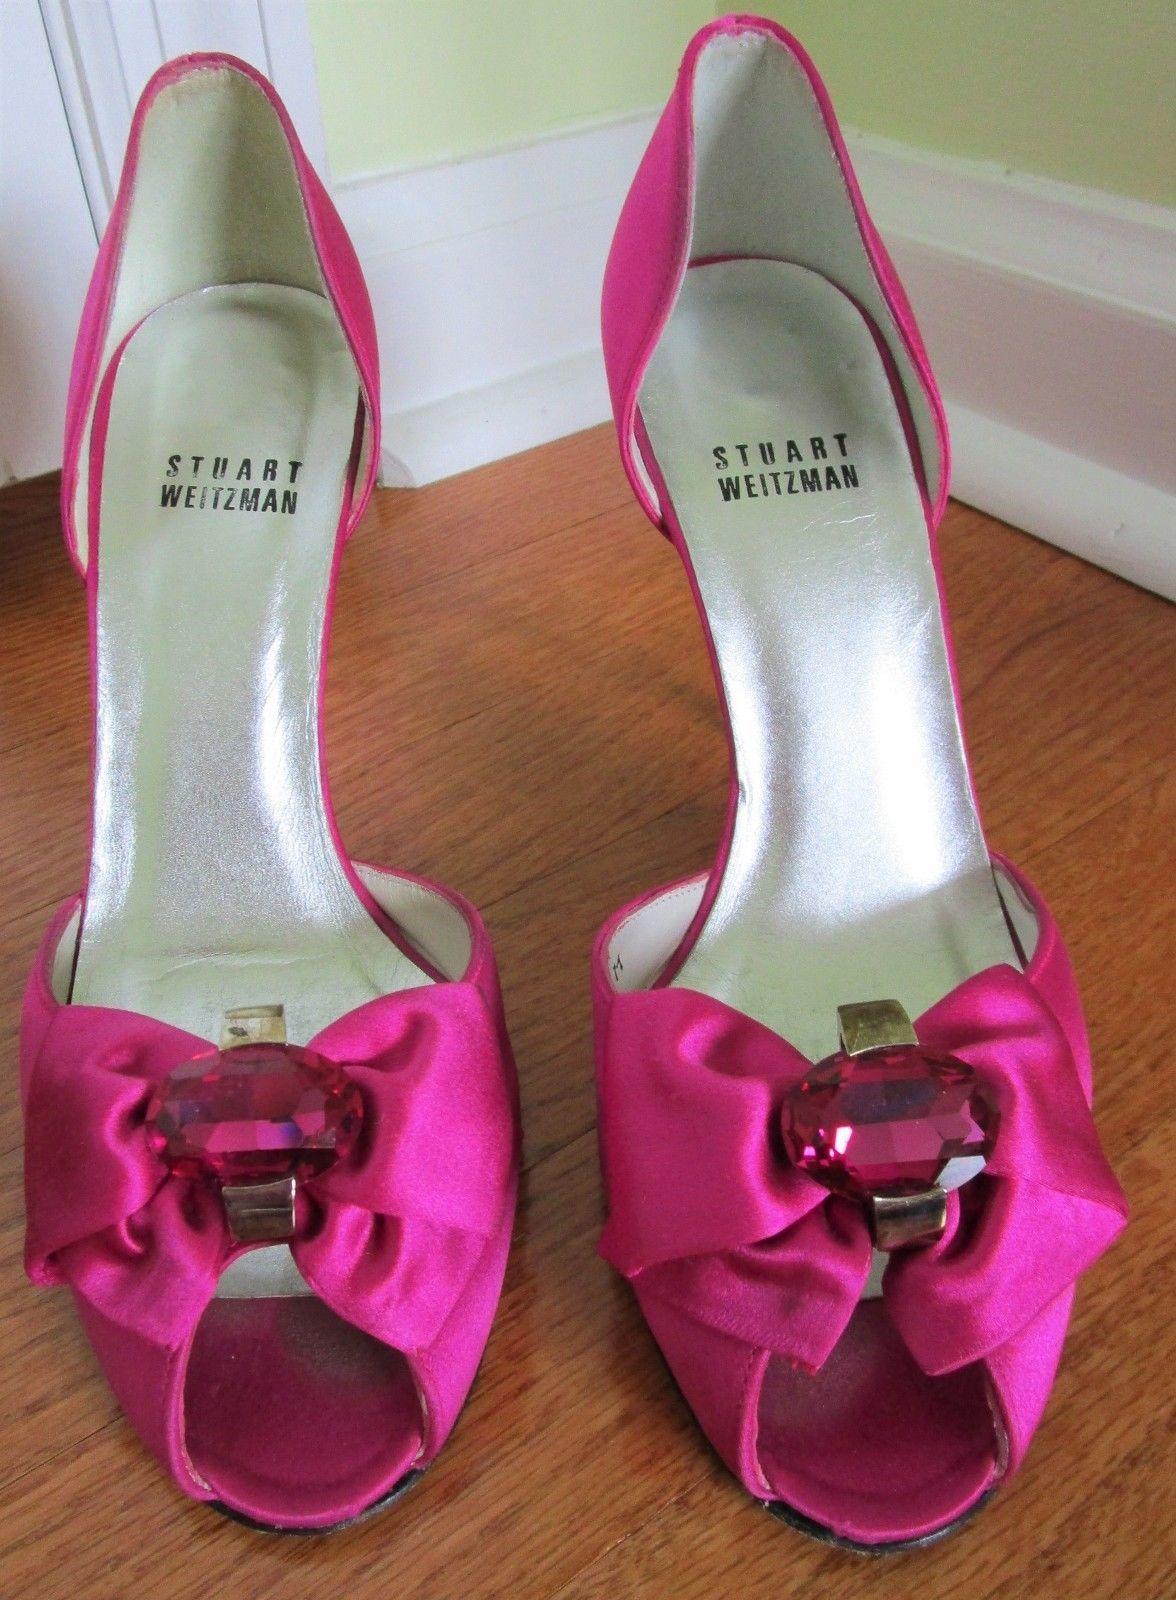 b7a0c81418917e Stuart Weitzman Satin Peep Toe Heels W  Bows and 50 similar items. 57